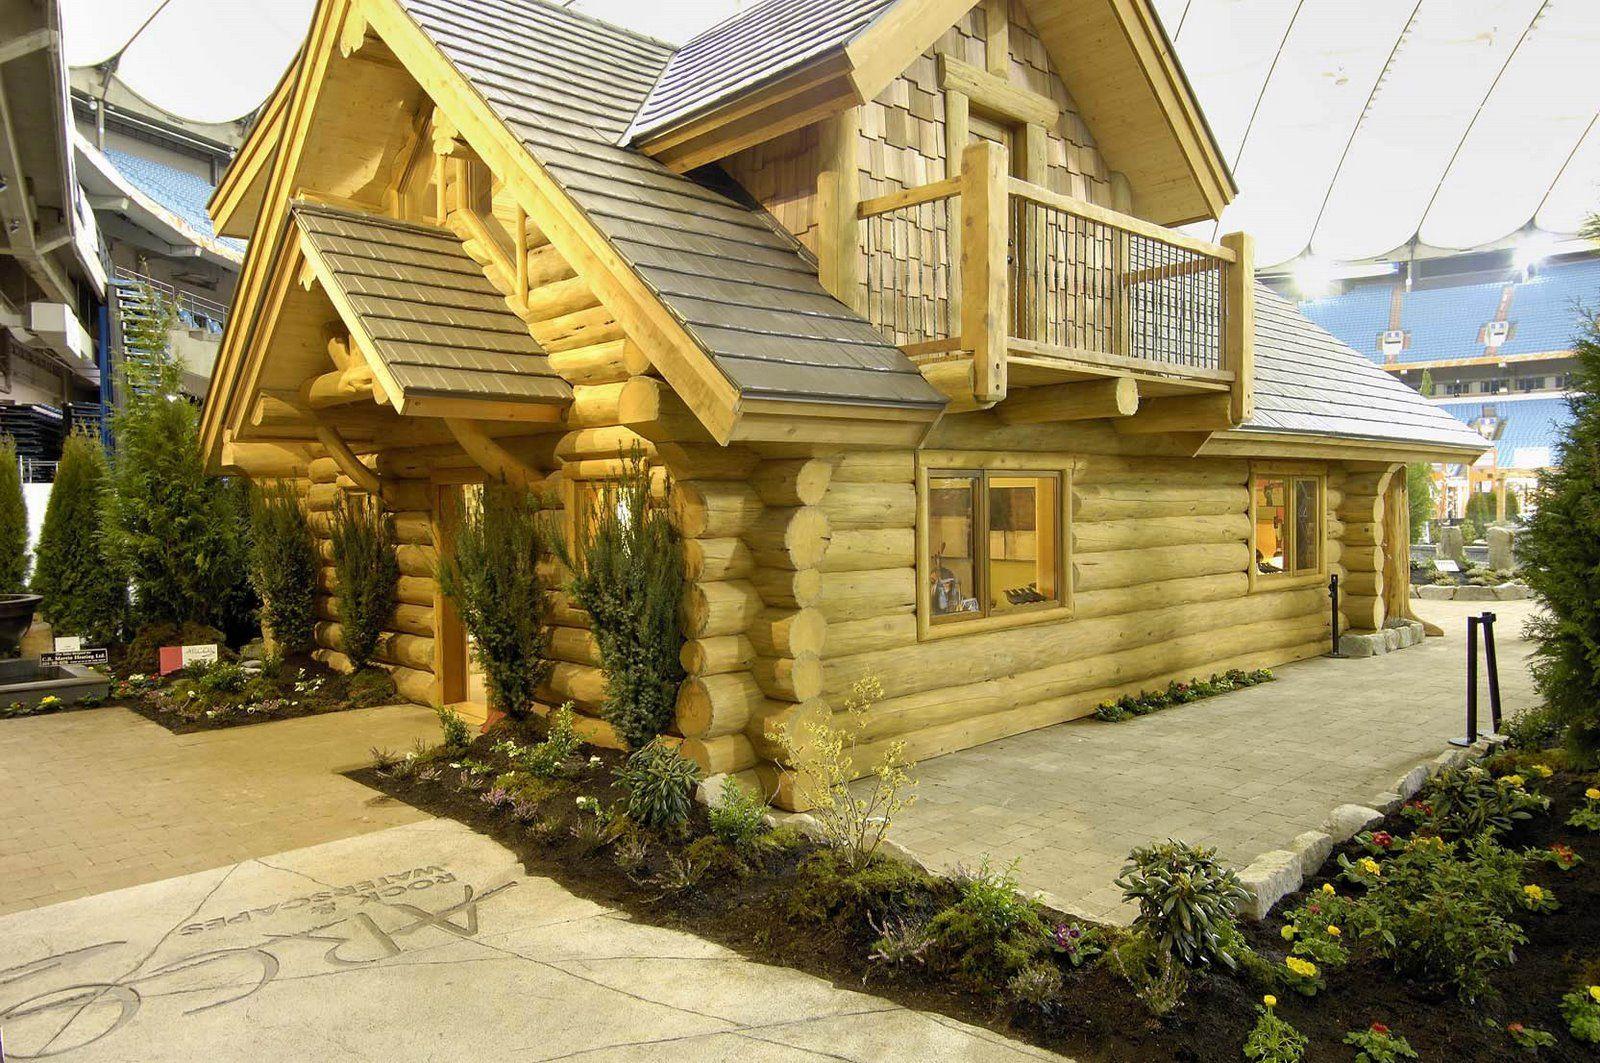 Casas De Madera Cabanas Rusticas Casas Estilo Cabanas De Madera